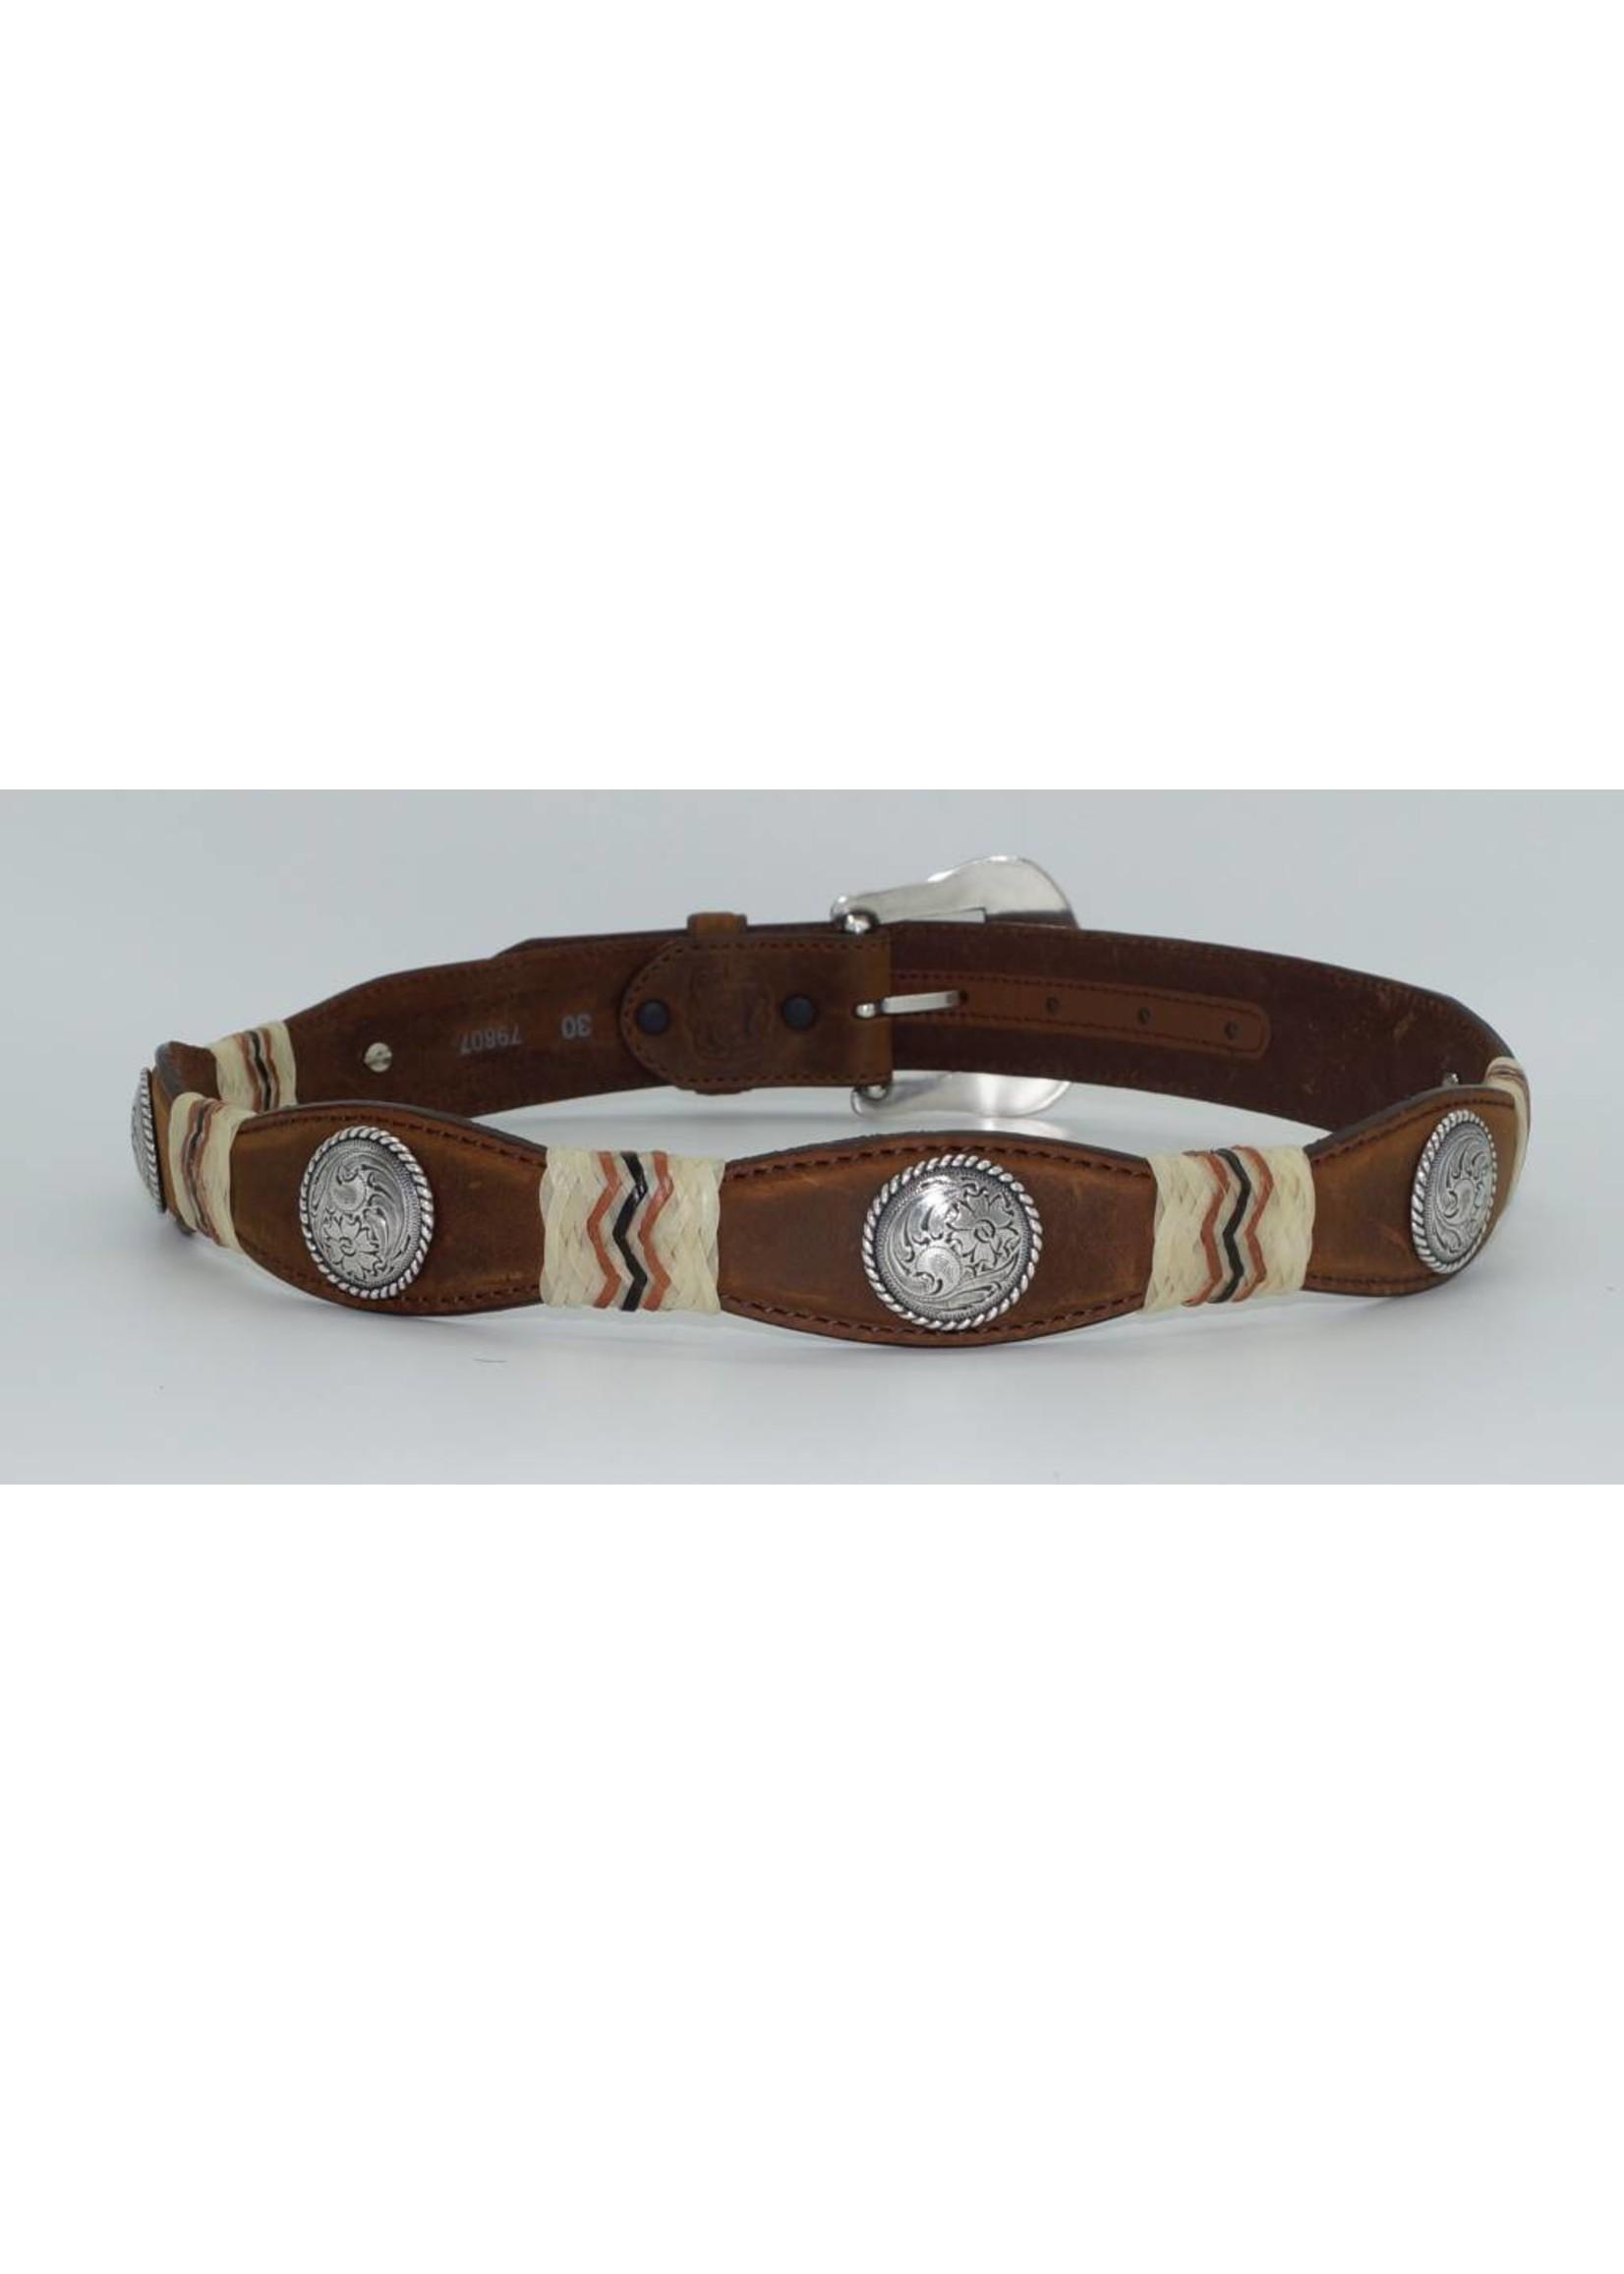 Tony Lama Men's Belt Scalloped Aged Bark Buckaroo  79807